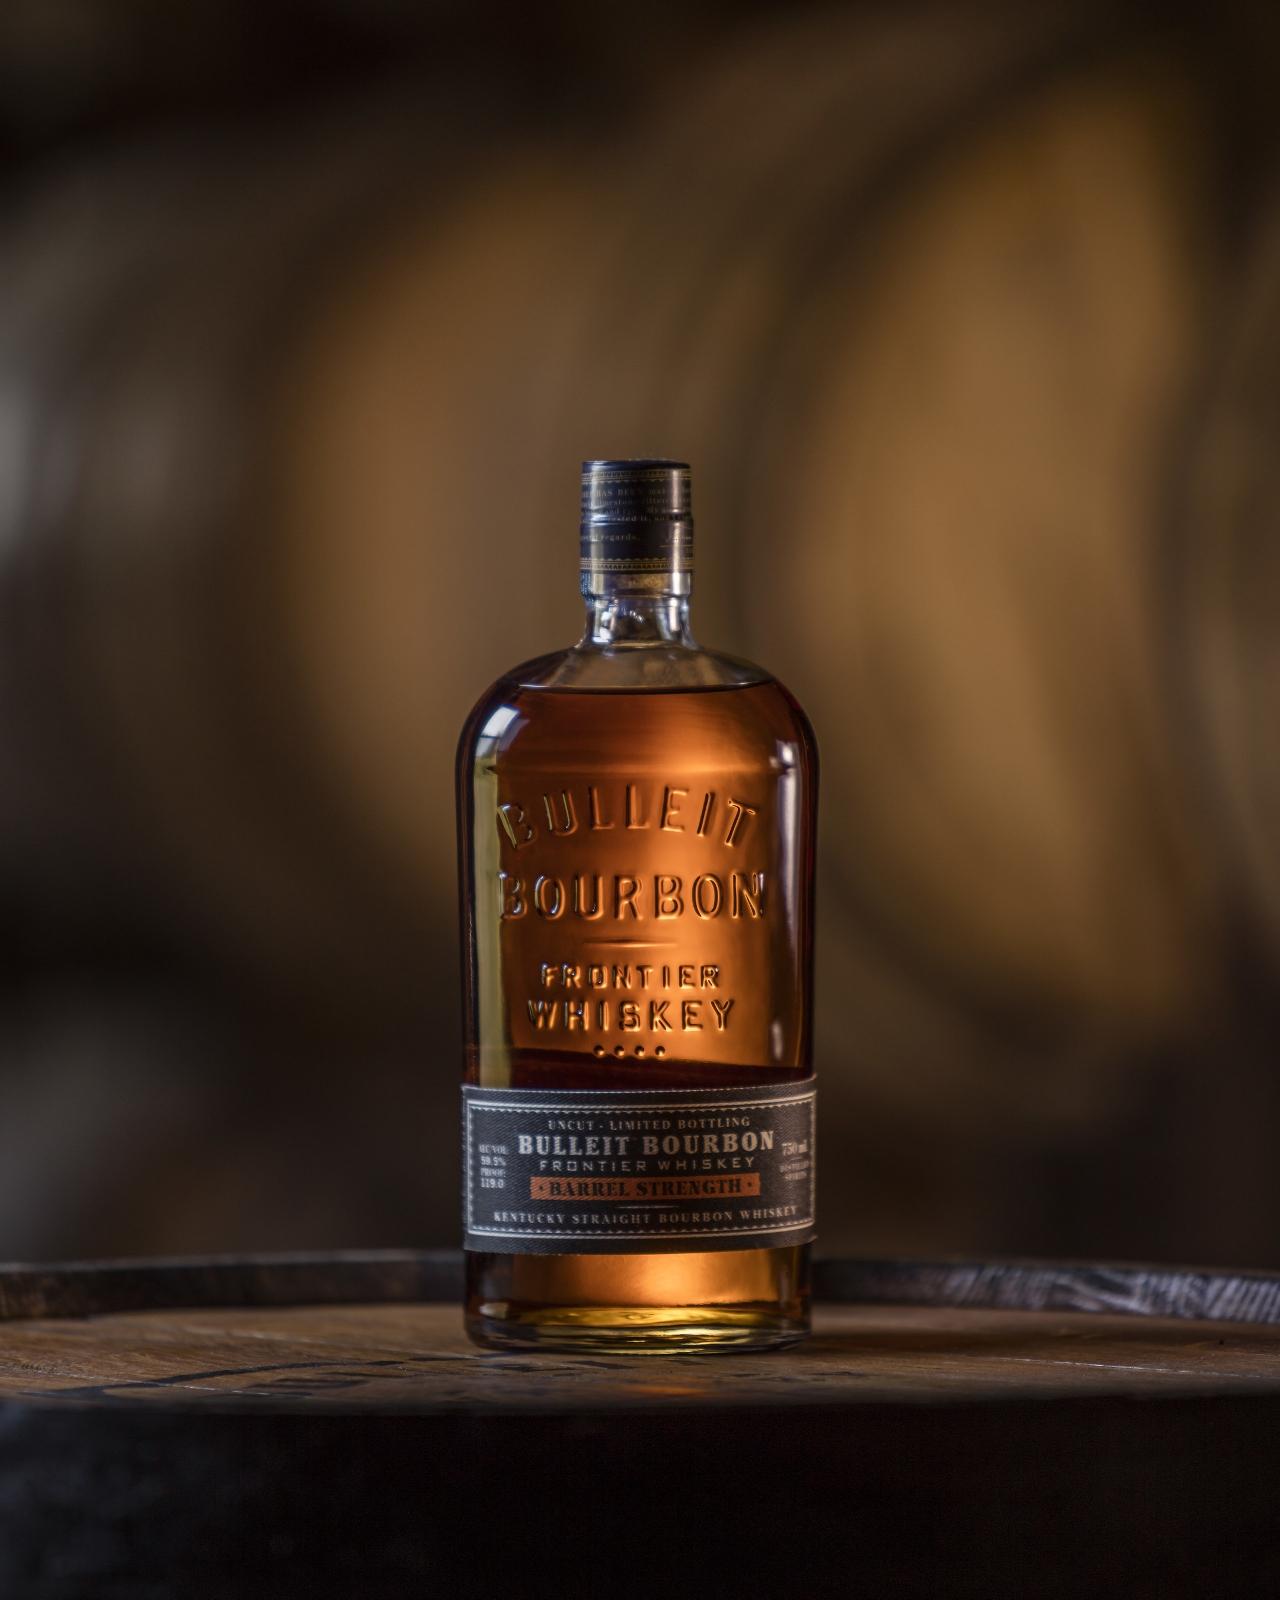 For Bulleit Bourbon Barrel